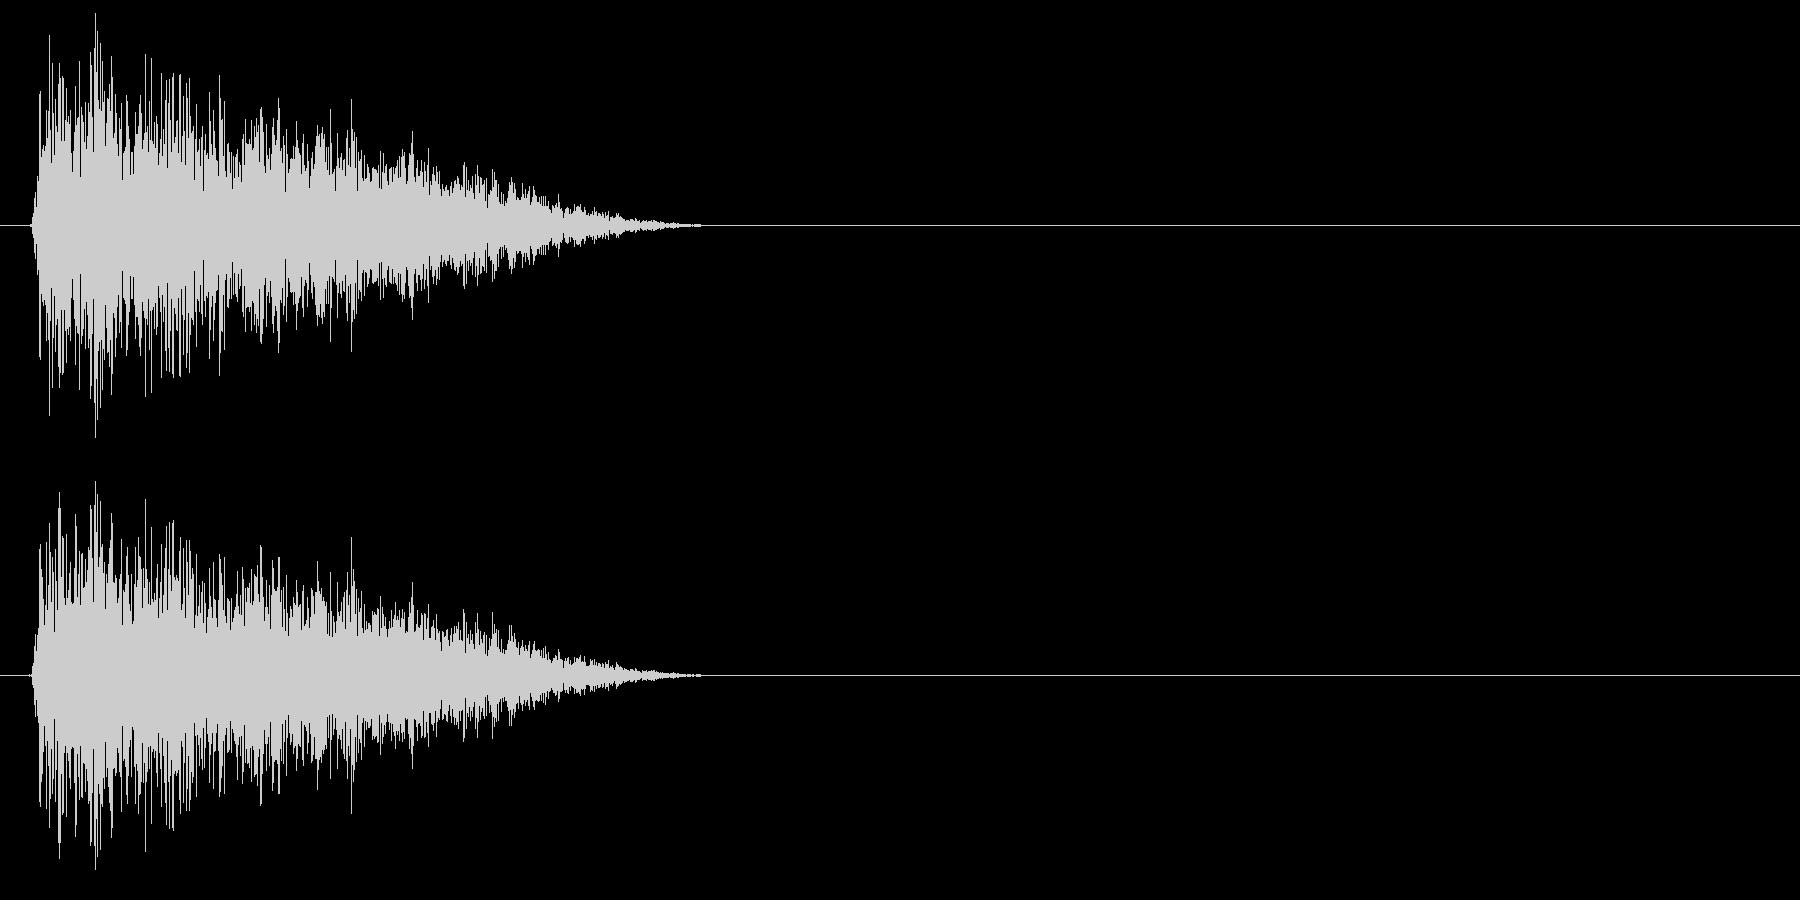 テュイーン↑(STG、パワーアップ)の未再生の波形